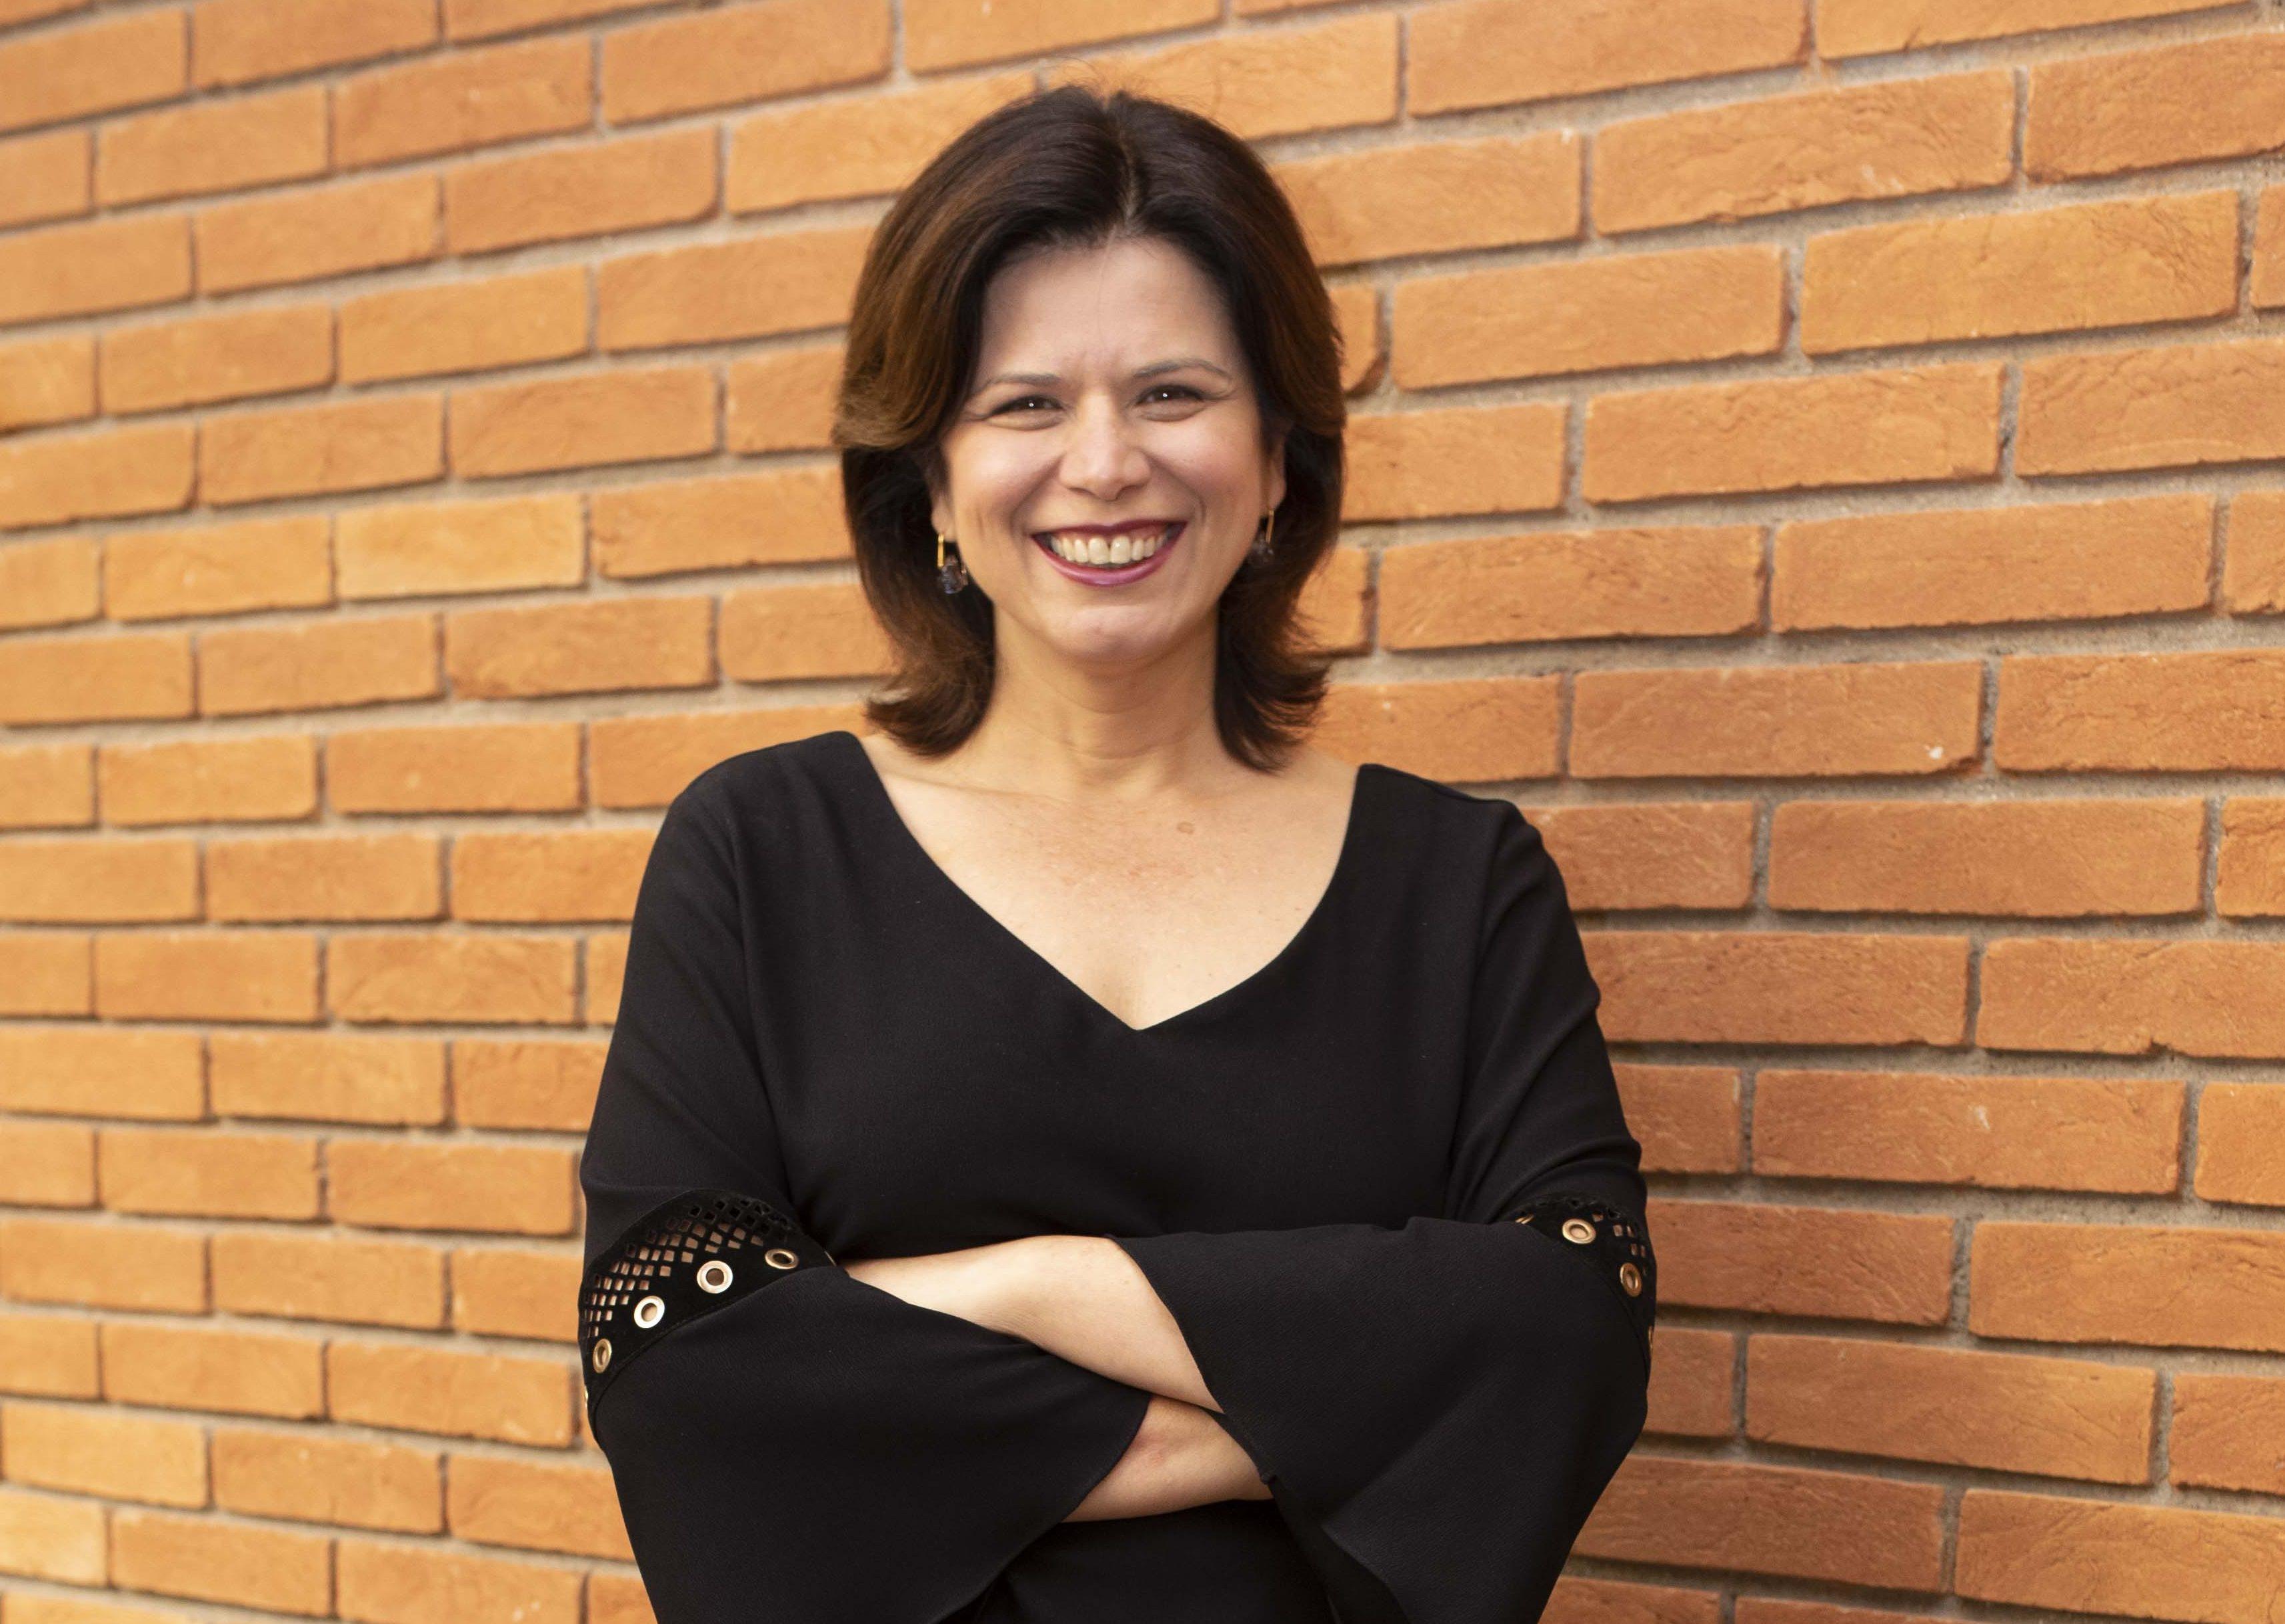 Rozália del Gáudio, diretora de comunicação corporativa da Arcos Dorados fala das ações do Méqui durante a pandemia